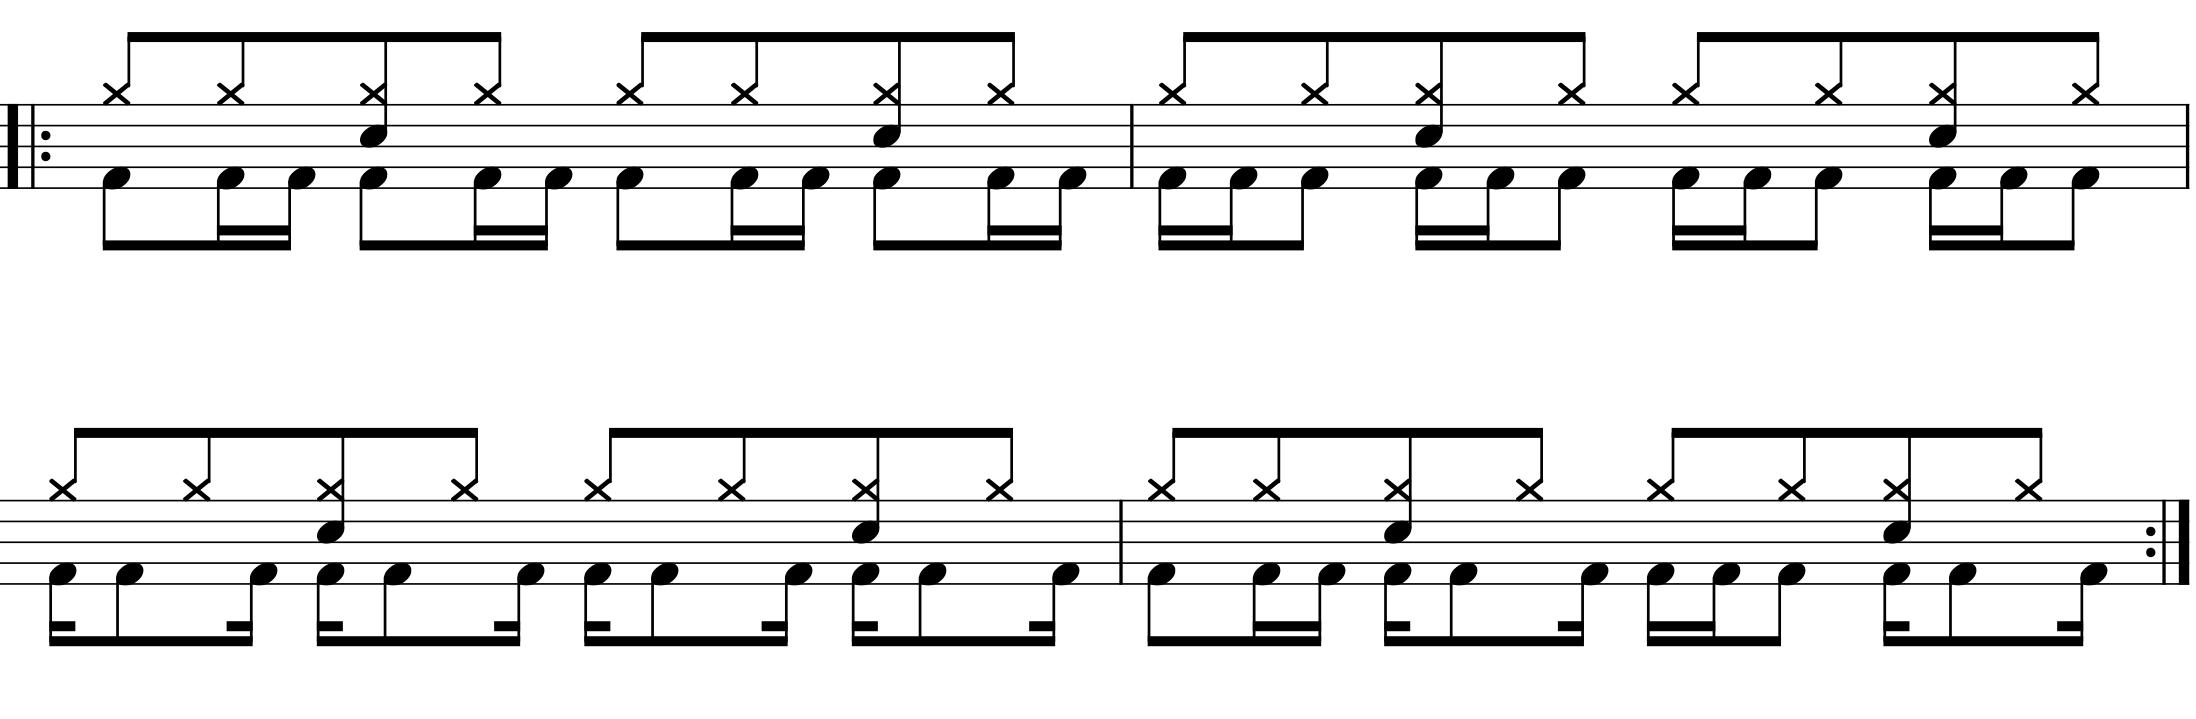 バスドラムを速く踏むための練習方法